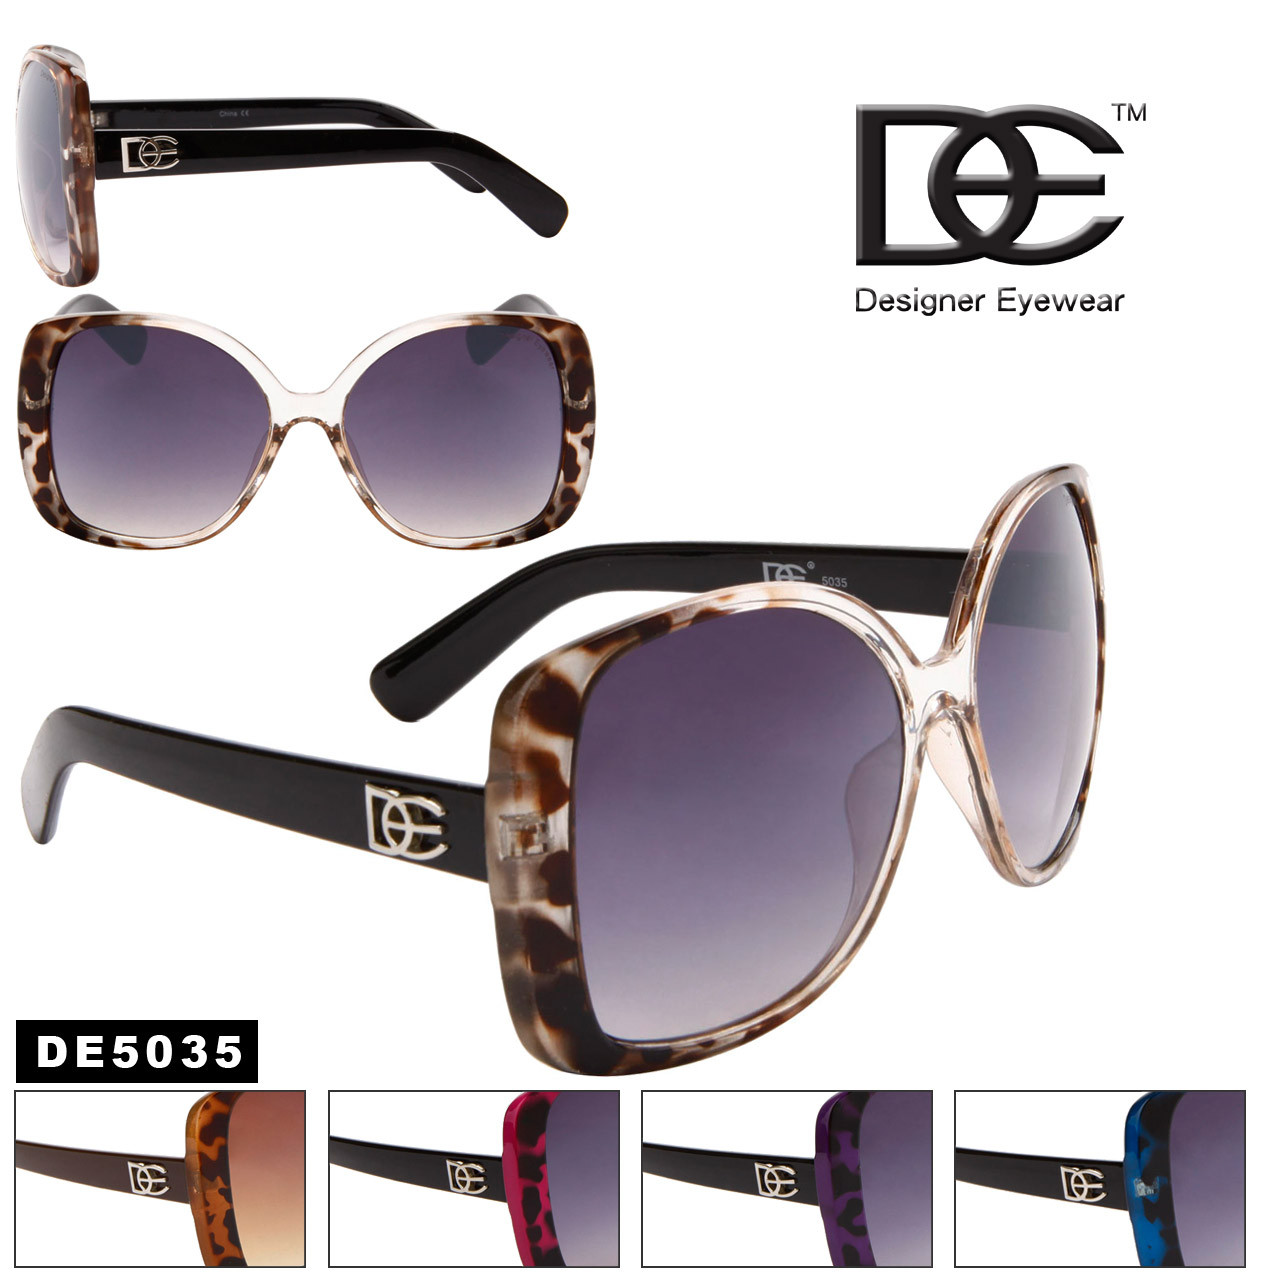 Vintage Sunglasses DE5035